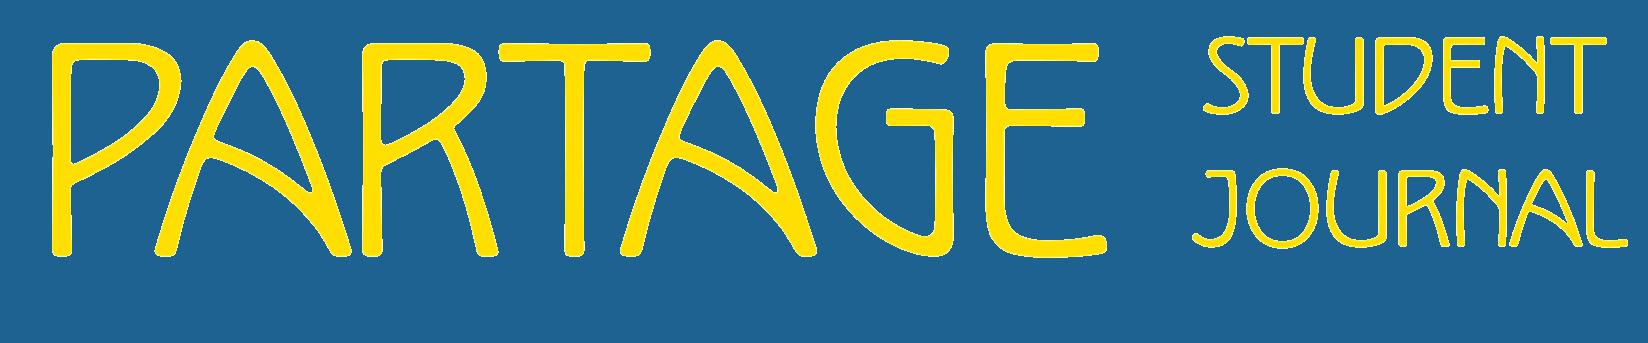 Partage Student Journal Logo